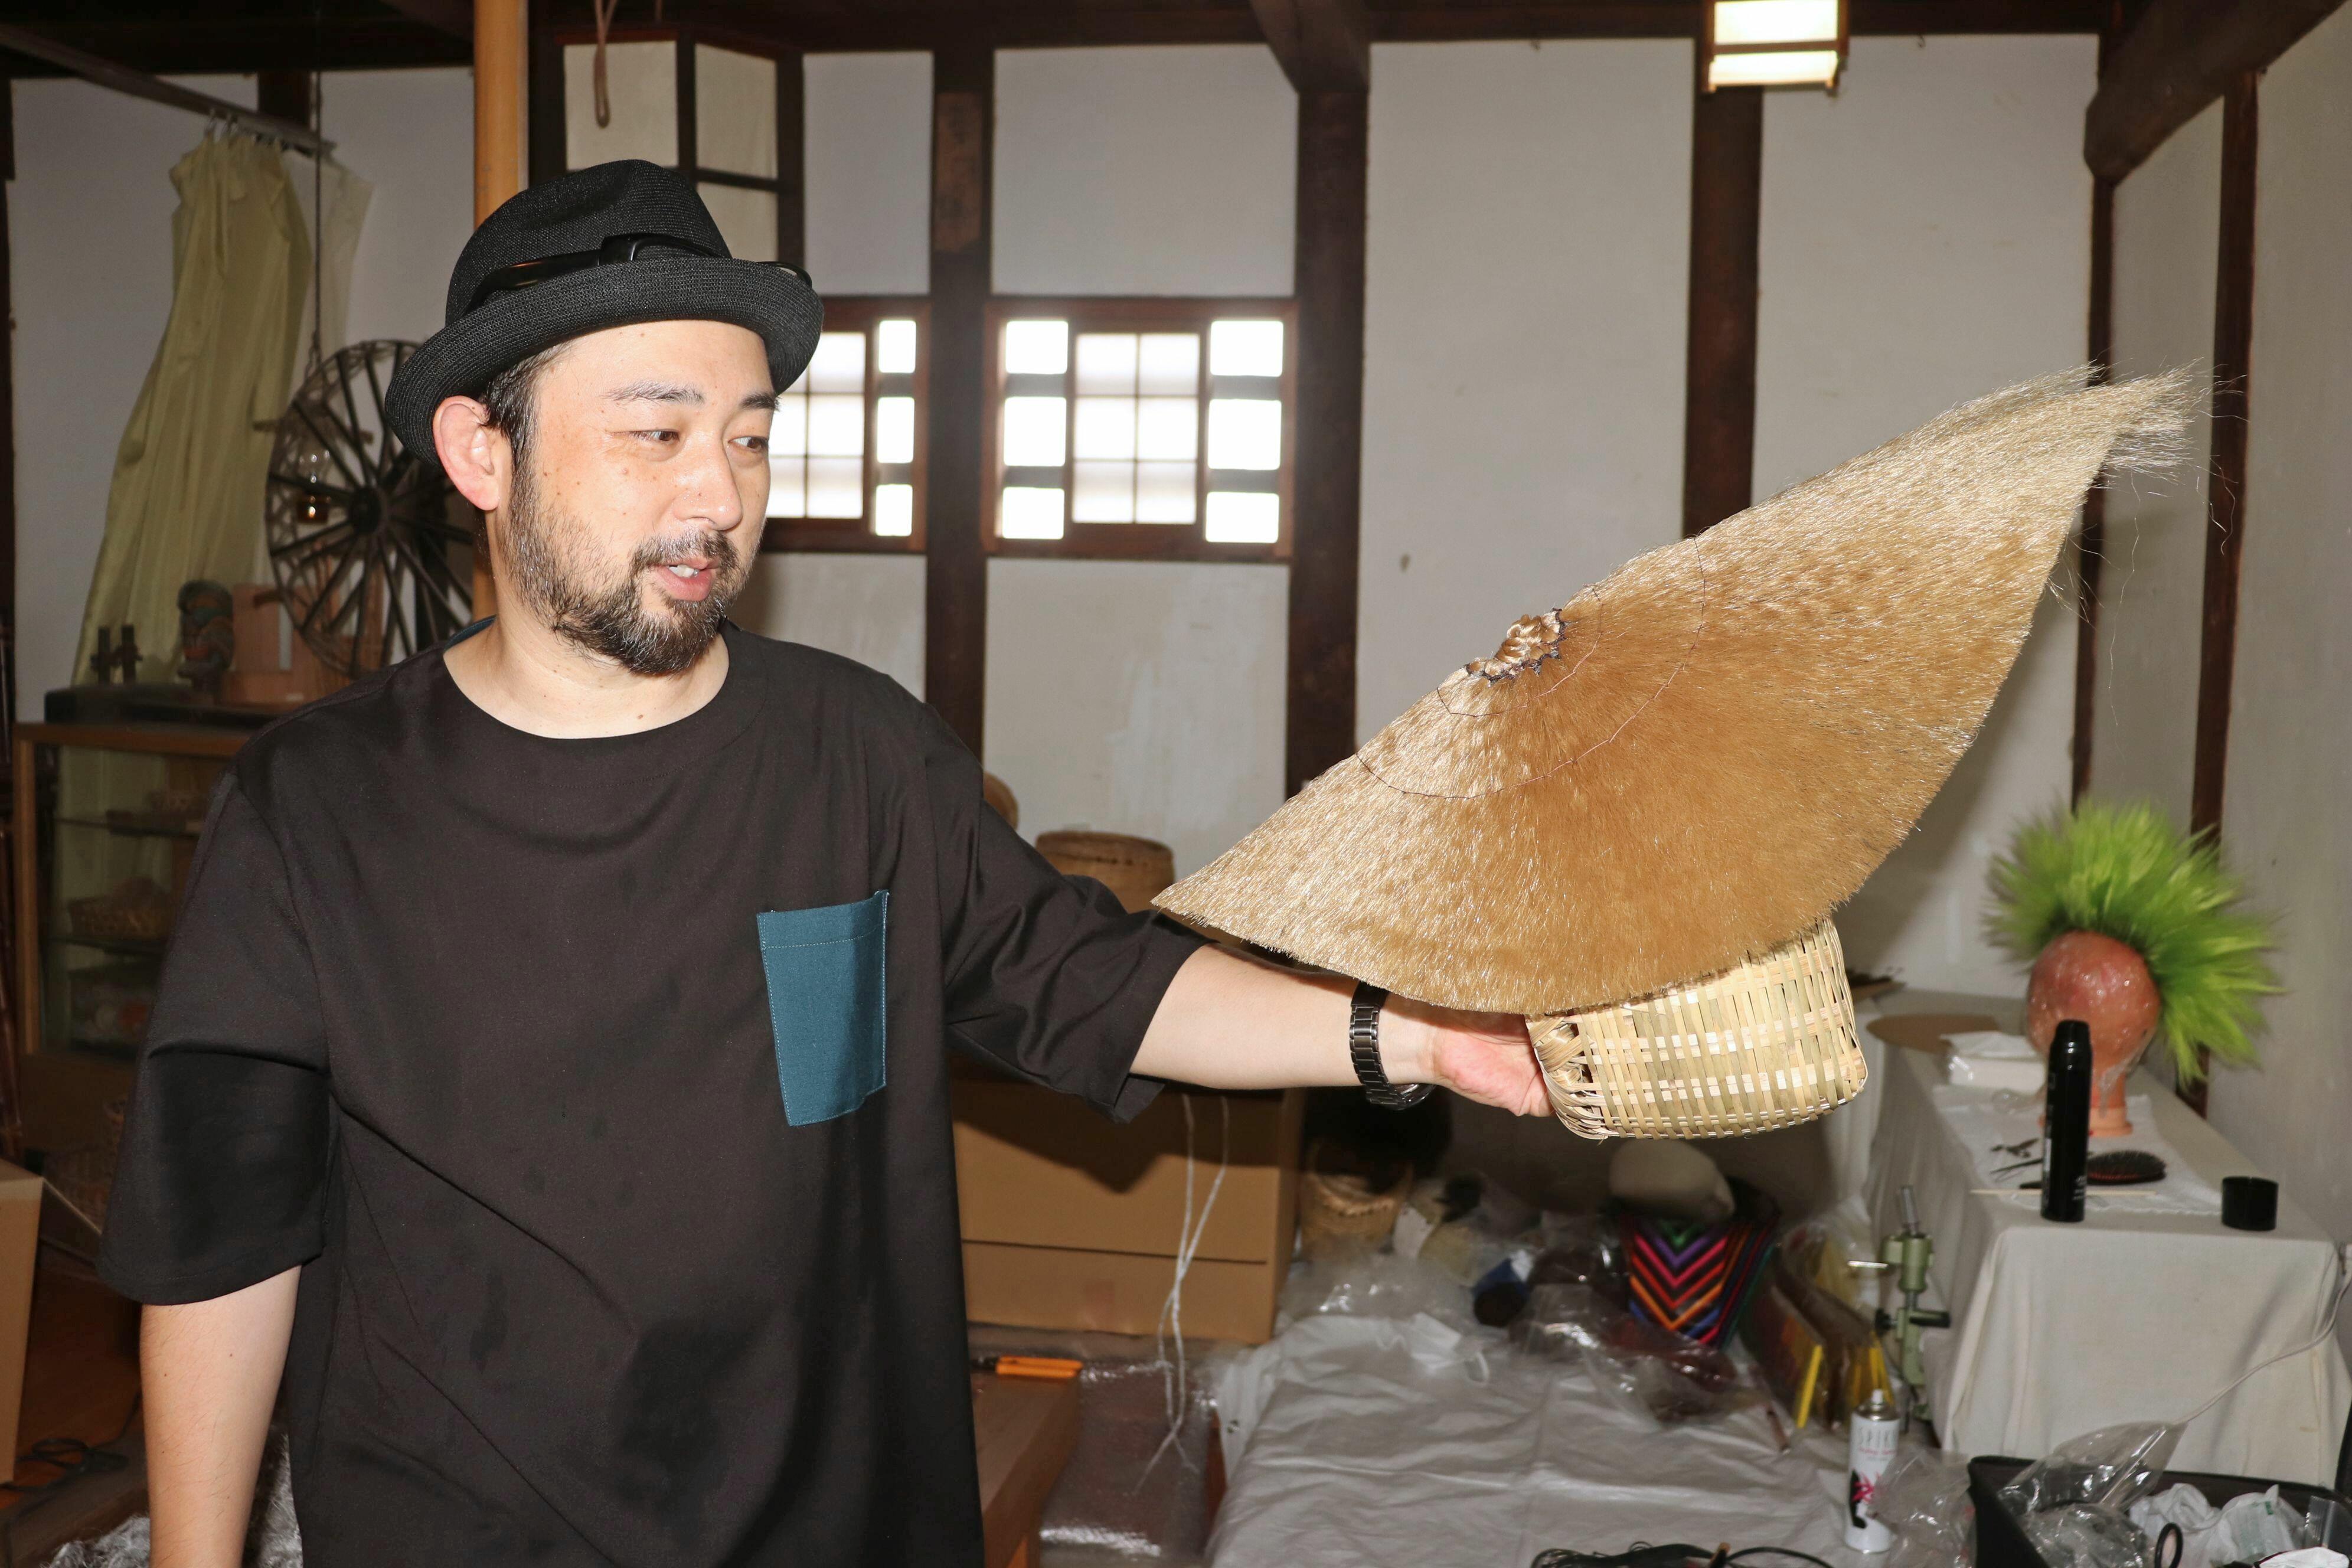 佐渡おけさなどでおなじみの「おけさ笠」をモチーフに手掛けたヘアメーク作品。計良宏文さんは「佐渡の伝統的なものとのコラボによって新境地を開けた」と話した。  previousnext